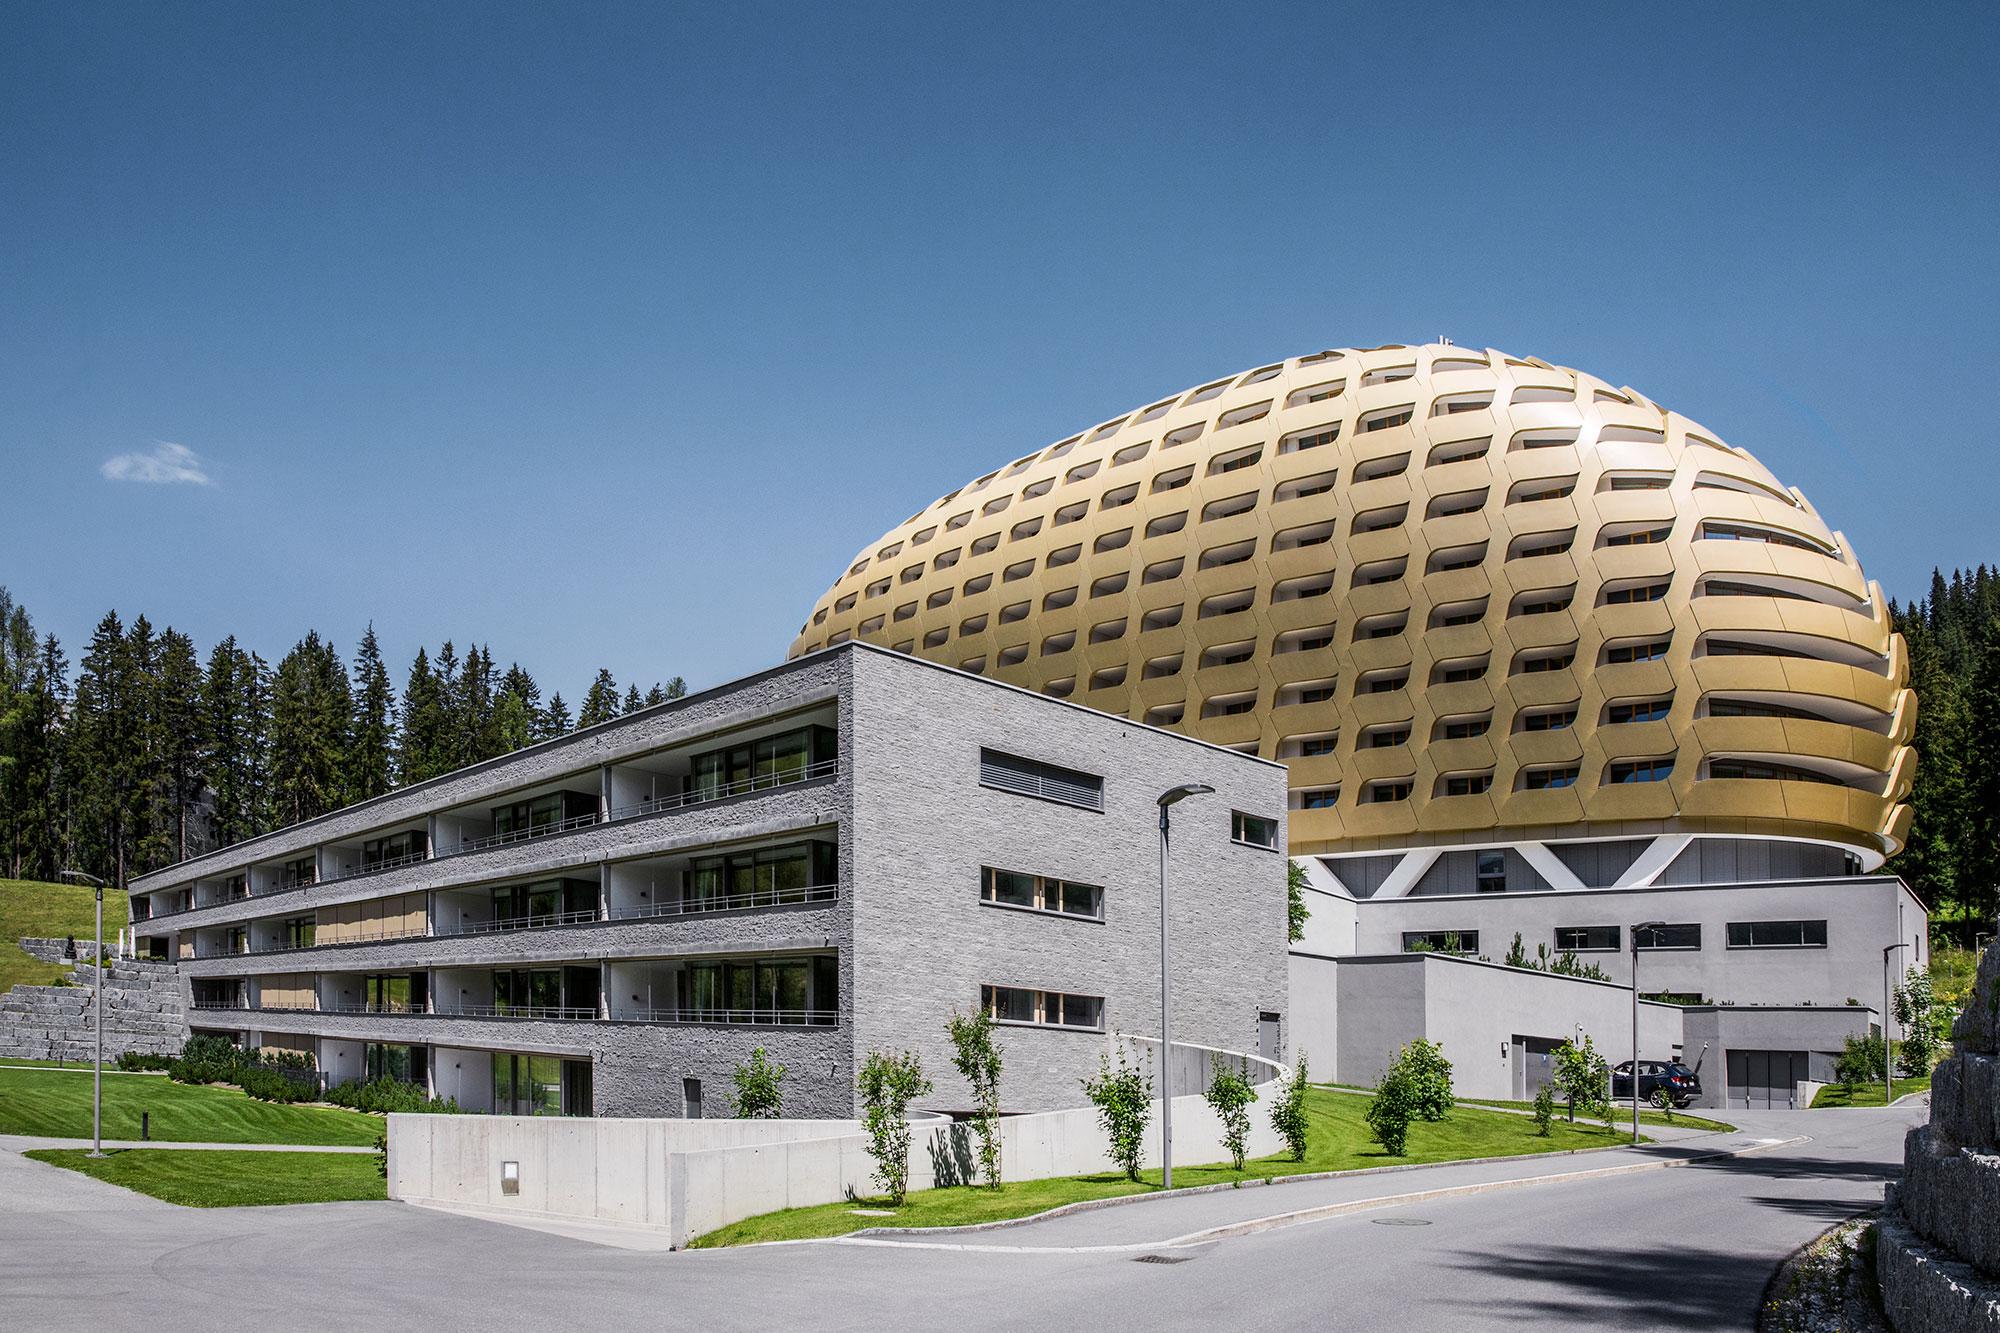 InterContinental Davos (architect: Oikios)